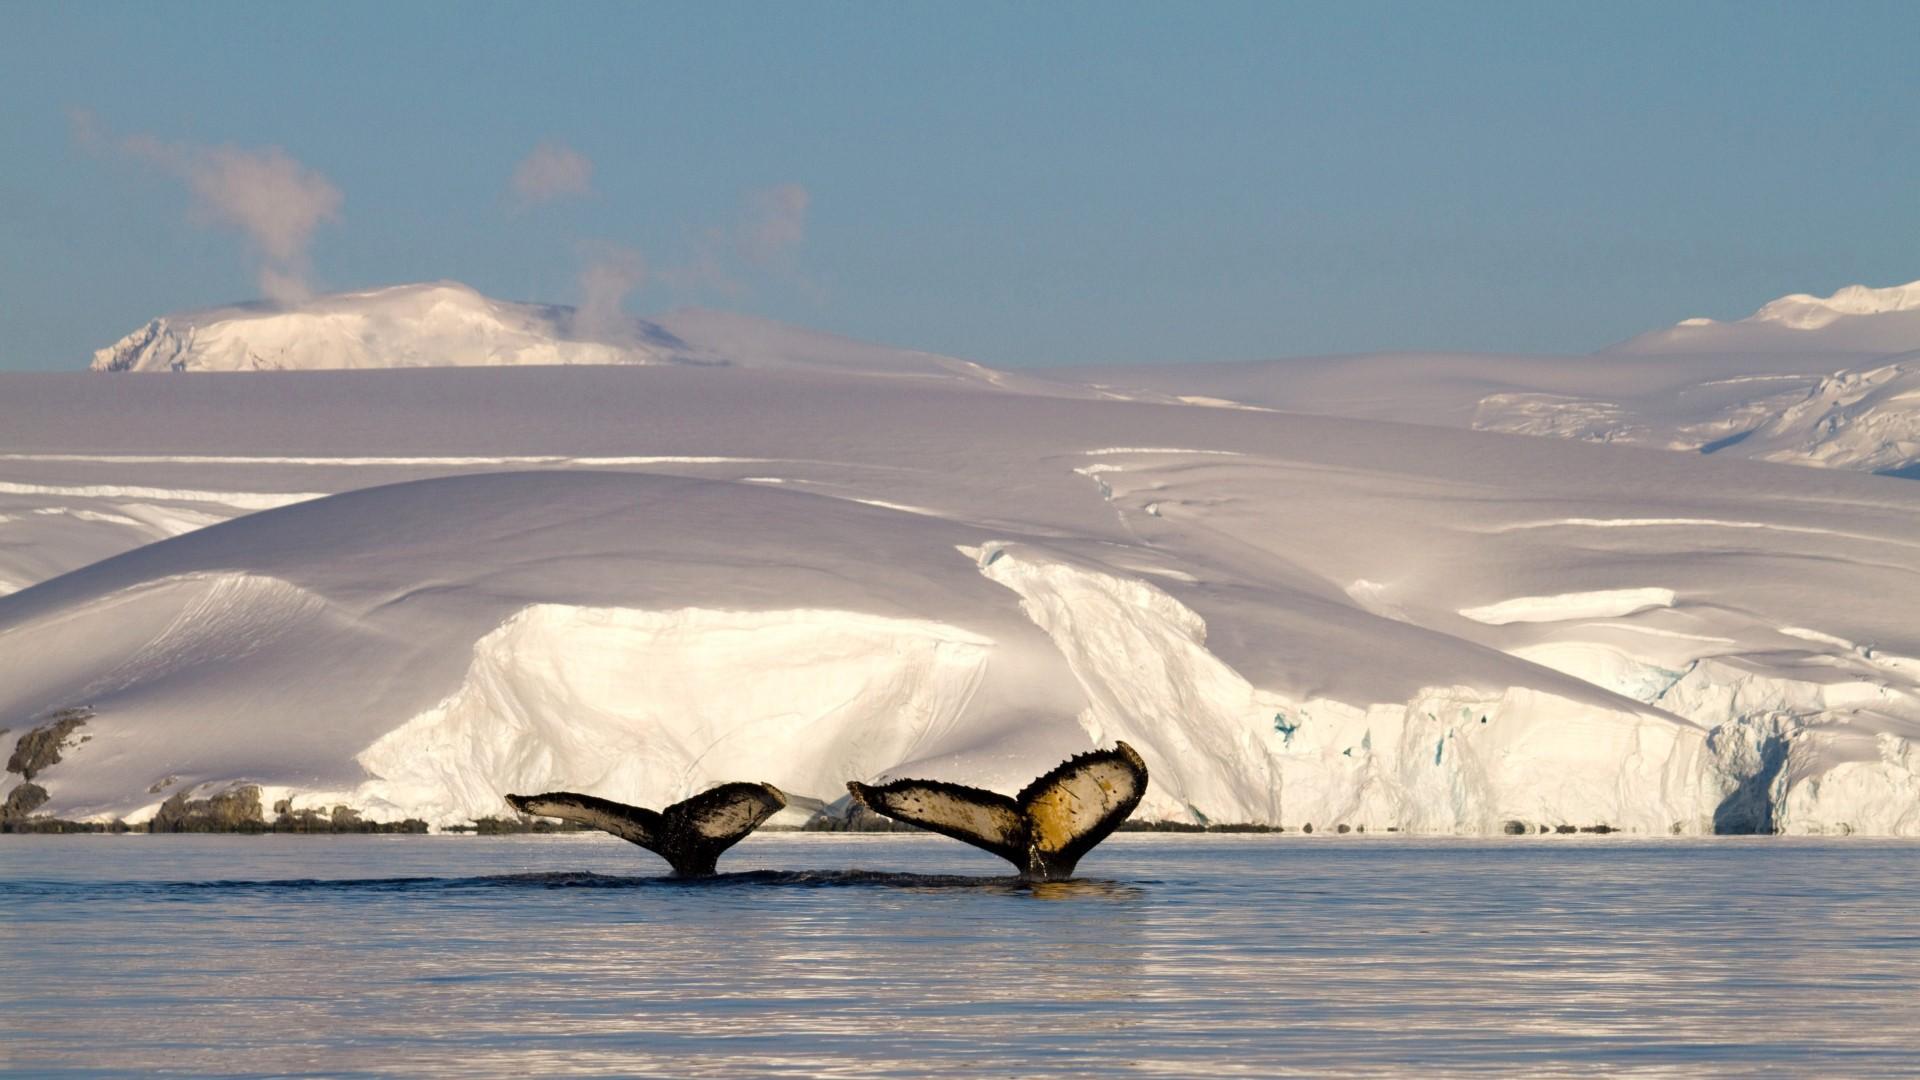 Croisières en Antarctique chilien depuis le Chili